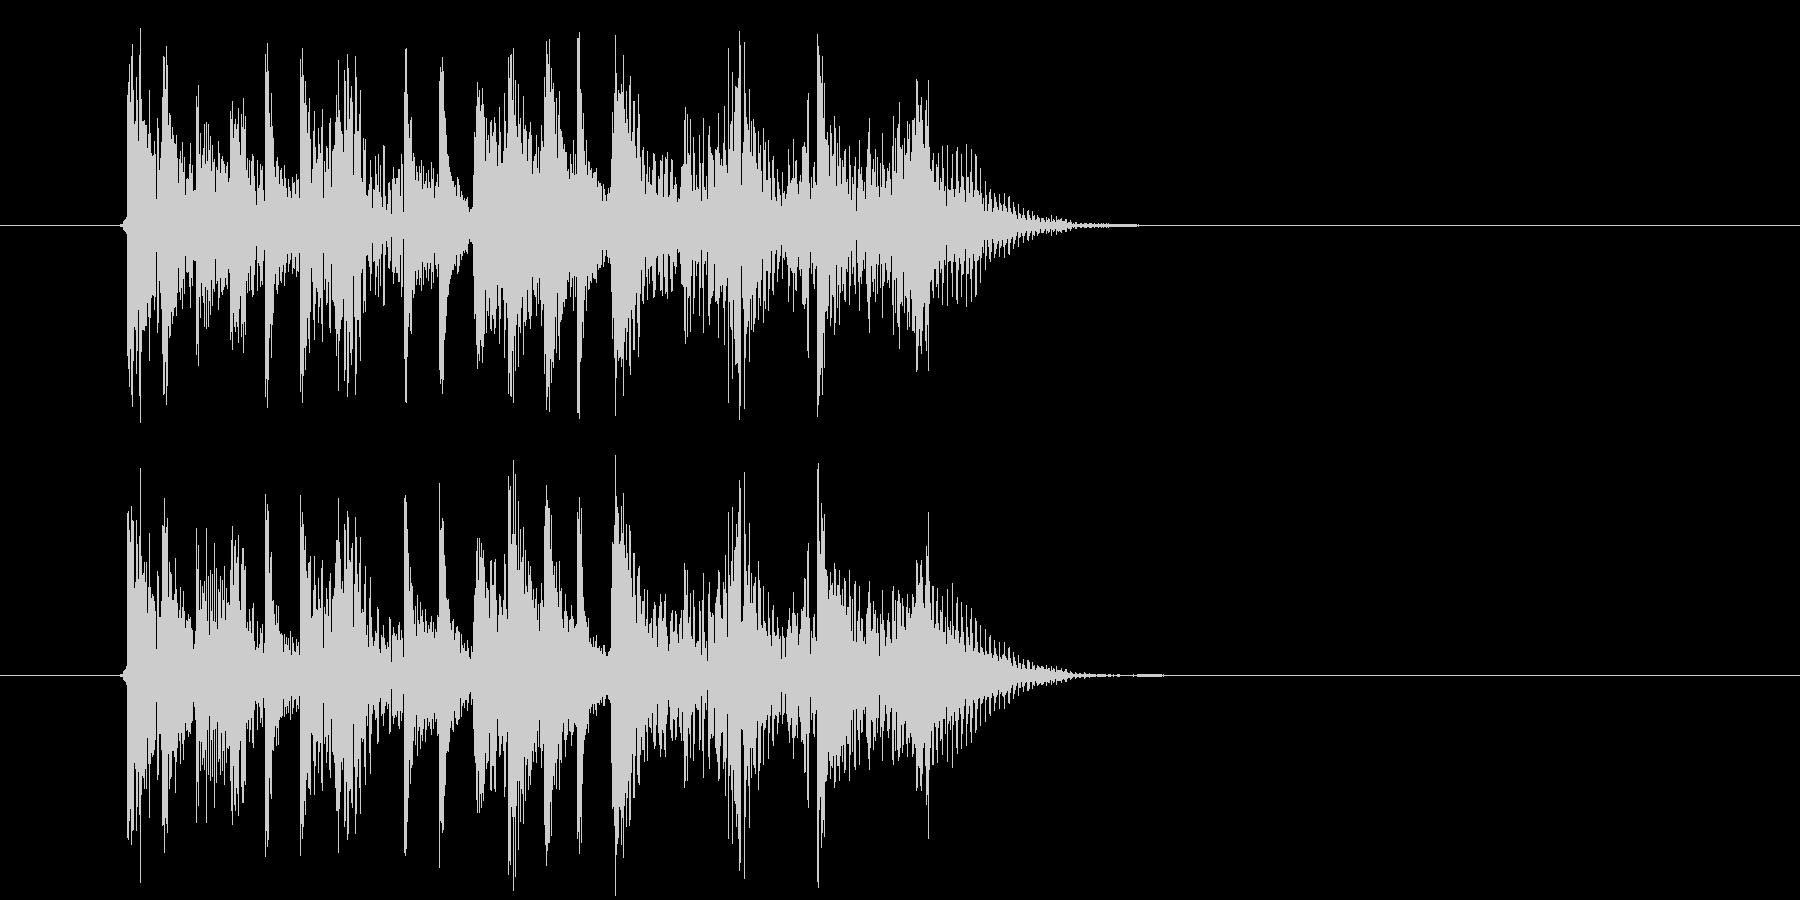 テクノ系アップテンポミュージックの未再生の波形